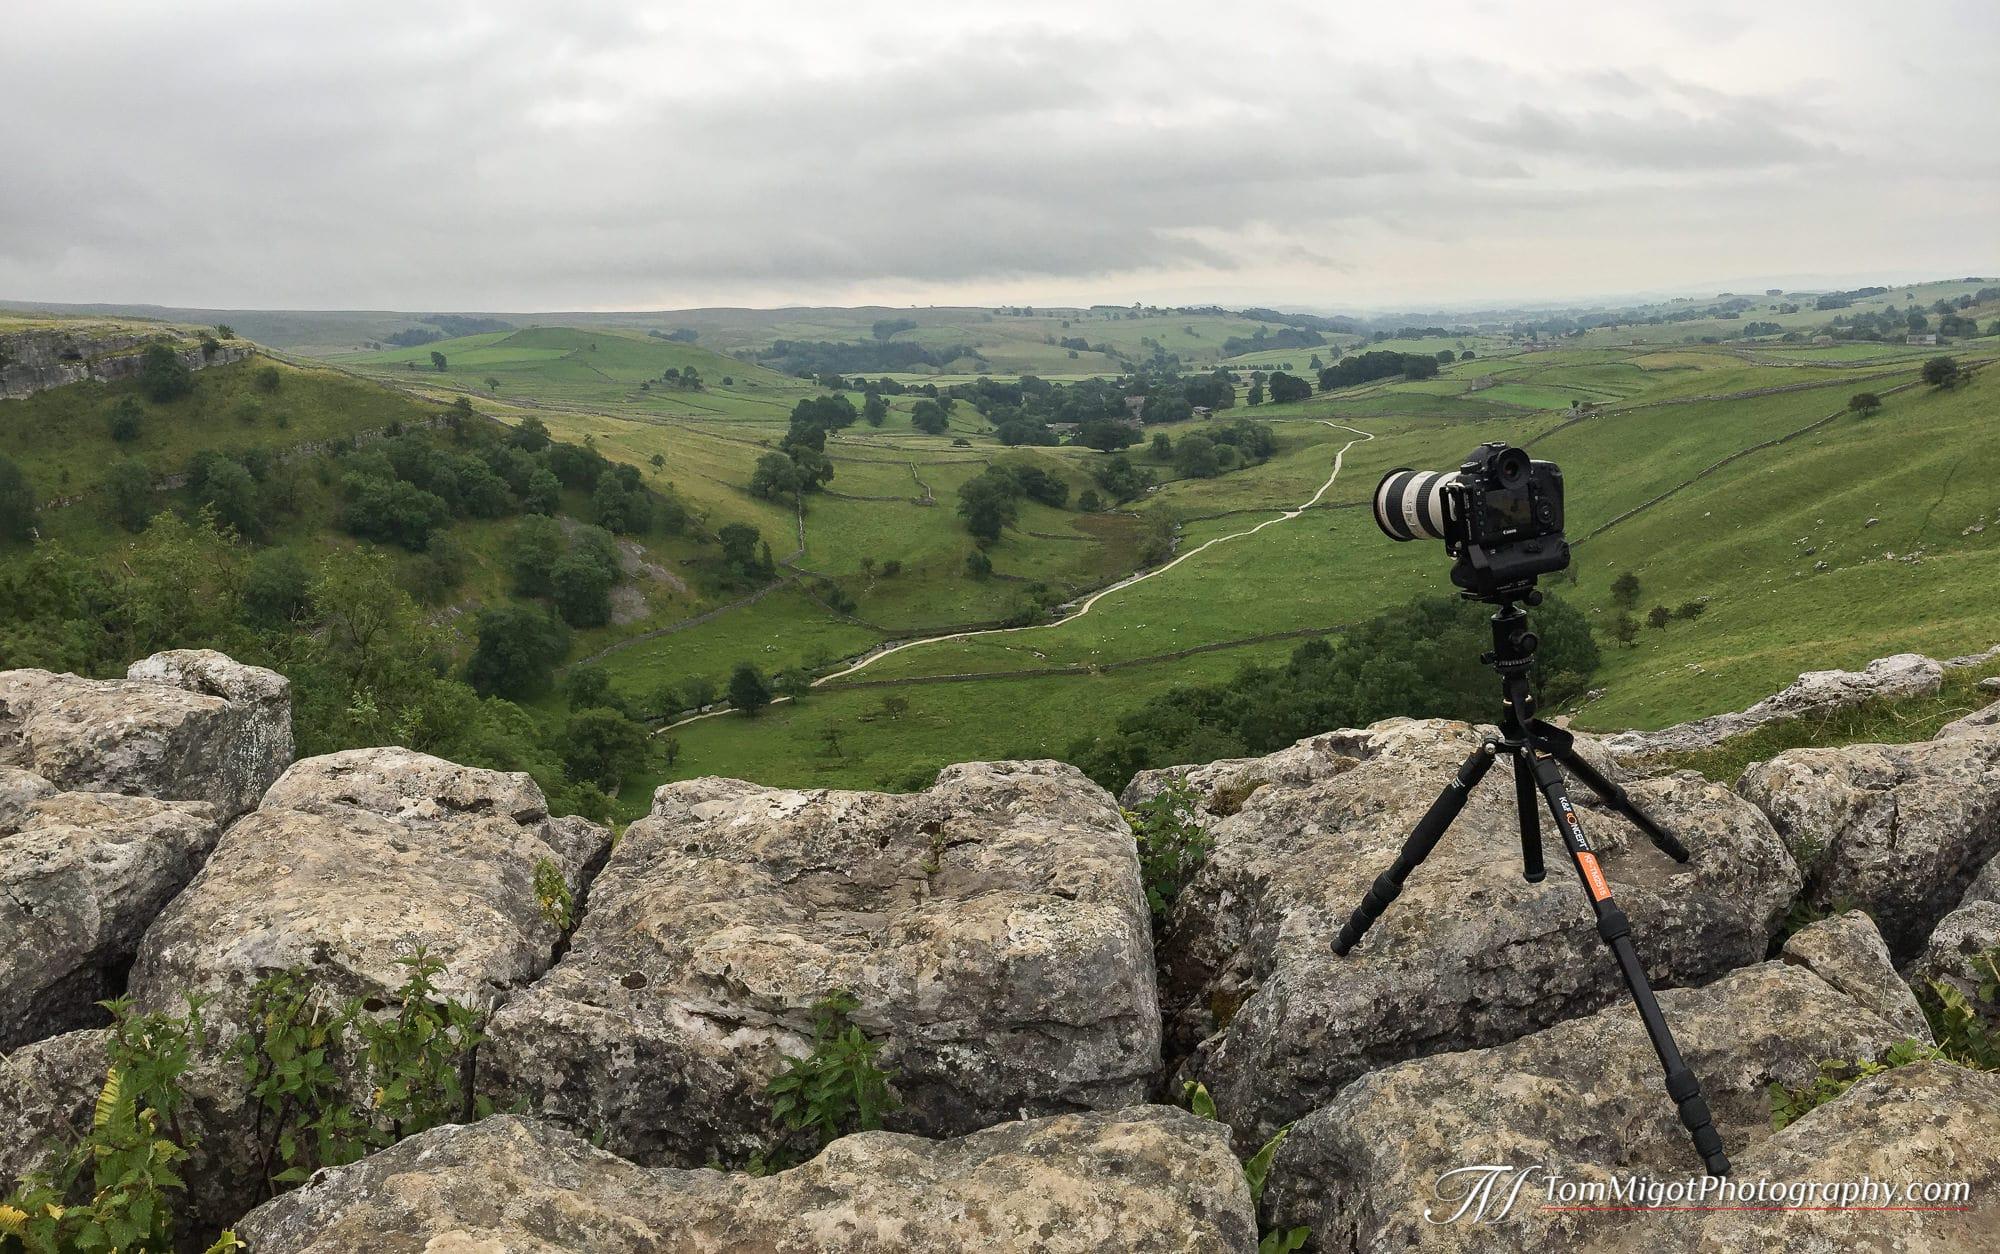 Test du trépied K&F TM2515 dans le parc du Yorkshire en Angleterre